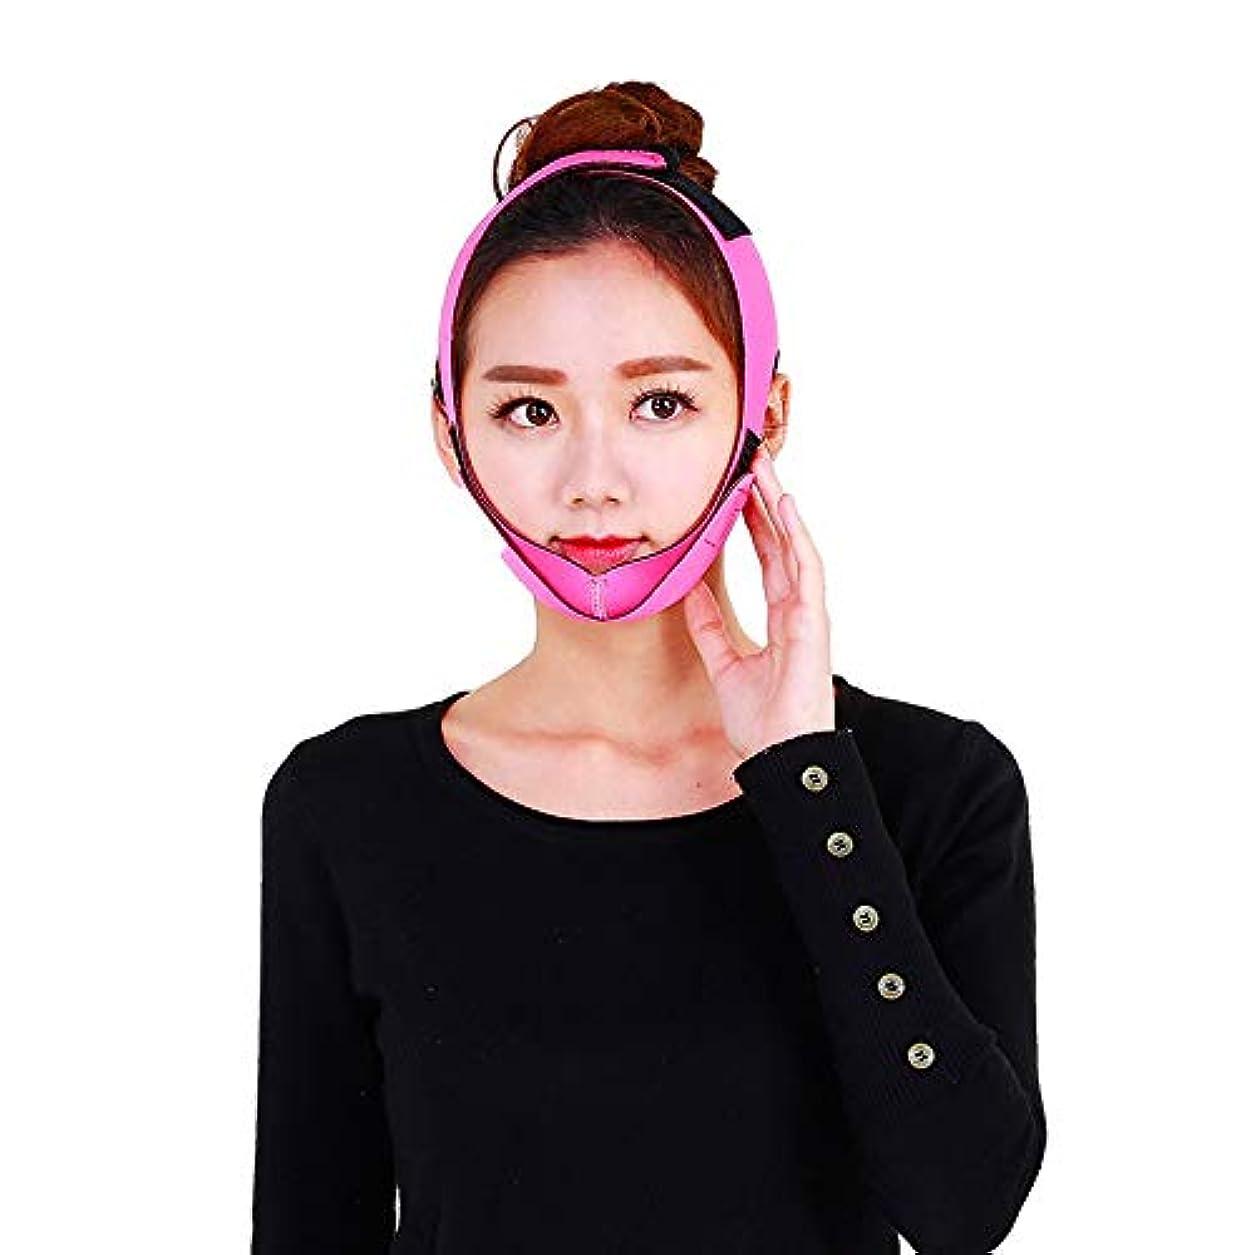 バルコニーラッシュ鳩Jia Jia- 顔の持ち上がる痩身ベルト - 薄い顔包帯二重あごのデバイス無料の顔のマッサージ整形マスクが顔と首を締めます 顔面包帯